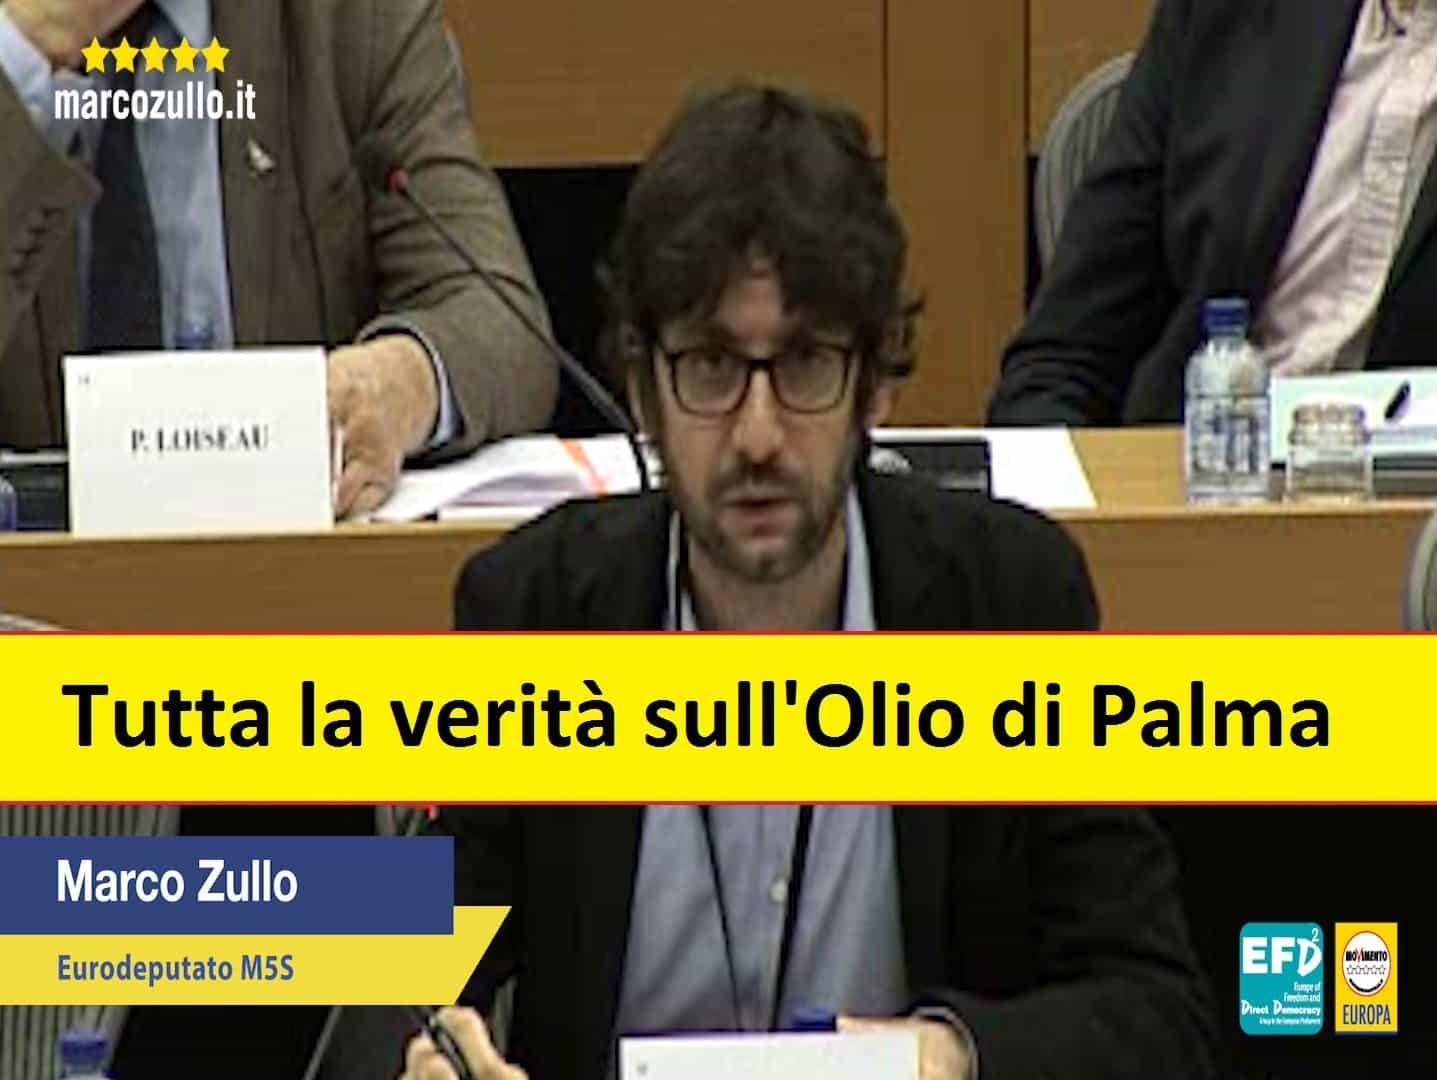 Marco Zullo M5S Europa olio di palma insostenibile